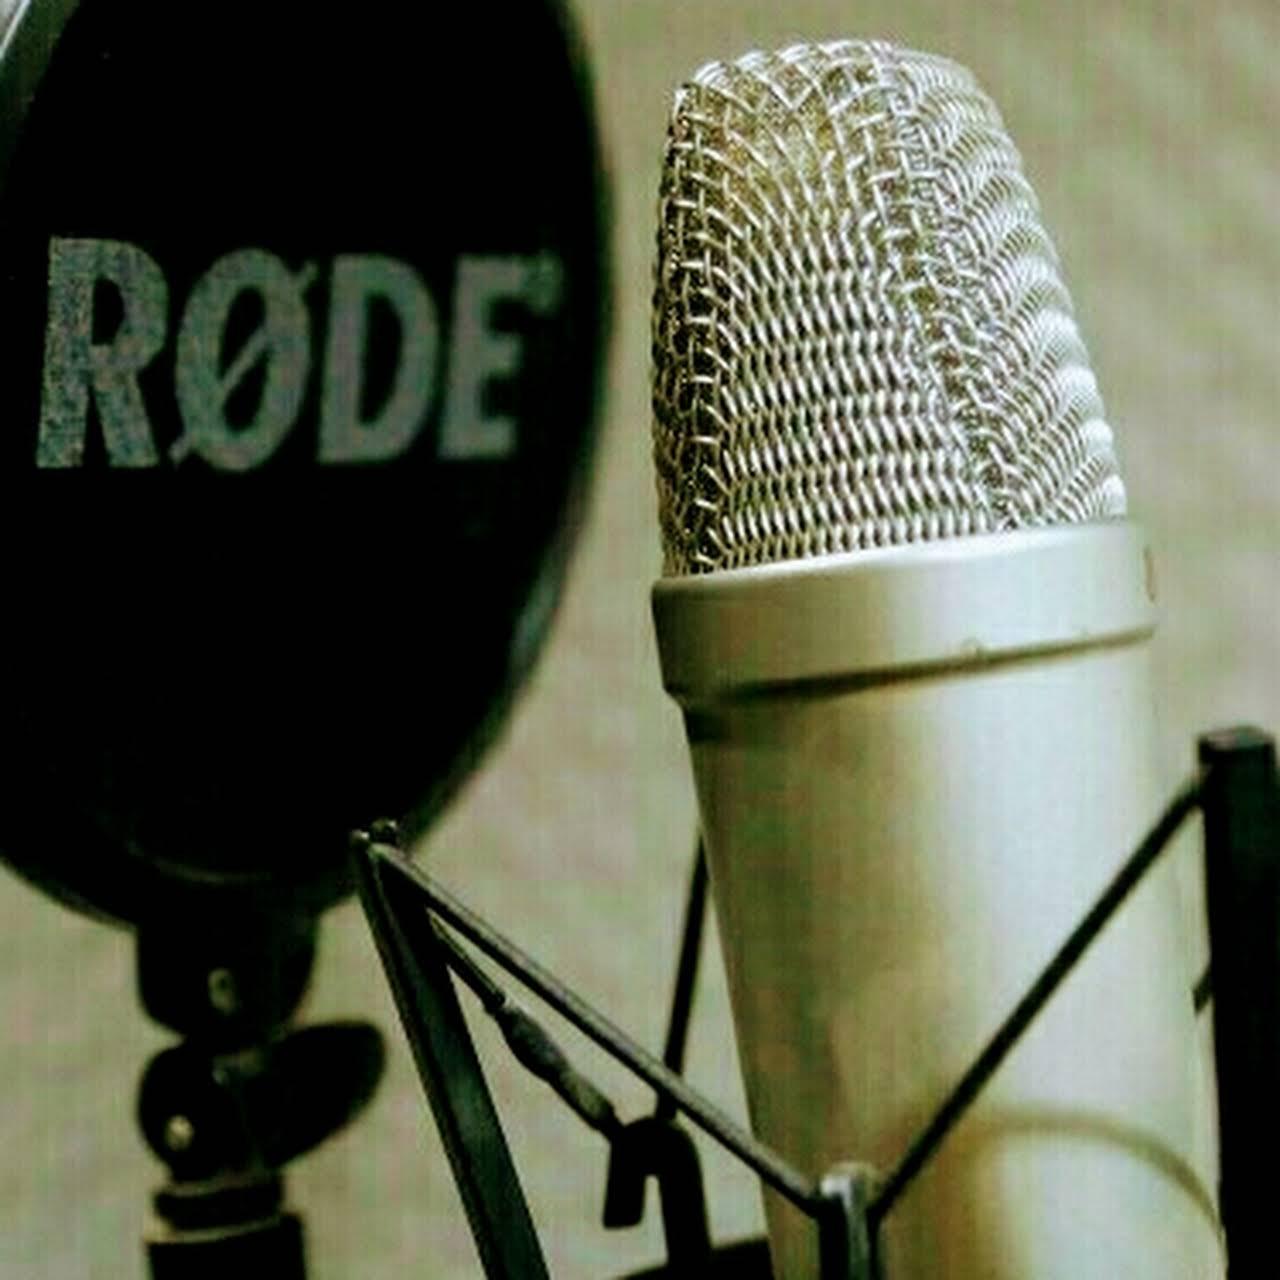 A1 RECORDING STUDIOS in Lagos Nigeria - Recording Studios in Lagos